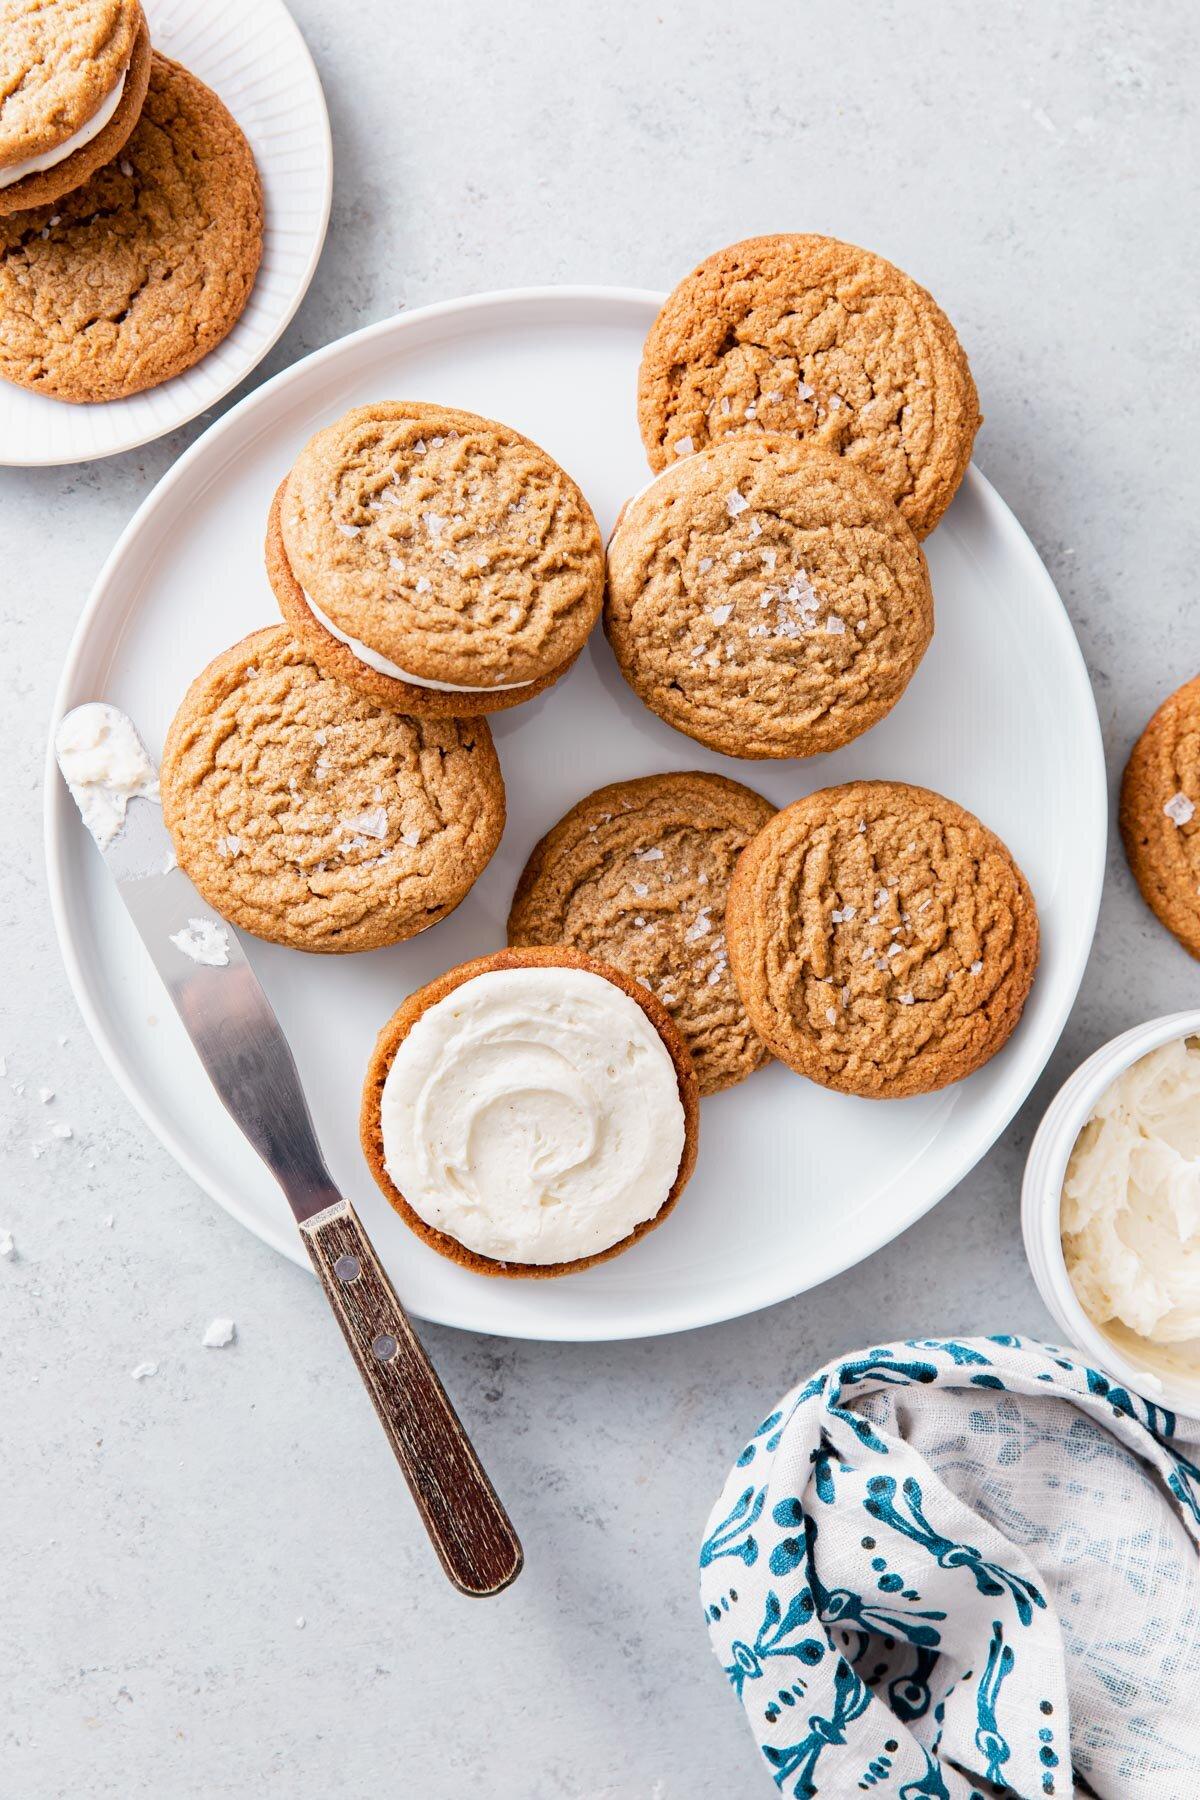 Flourless Peanut Butter Sandwich Cookies